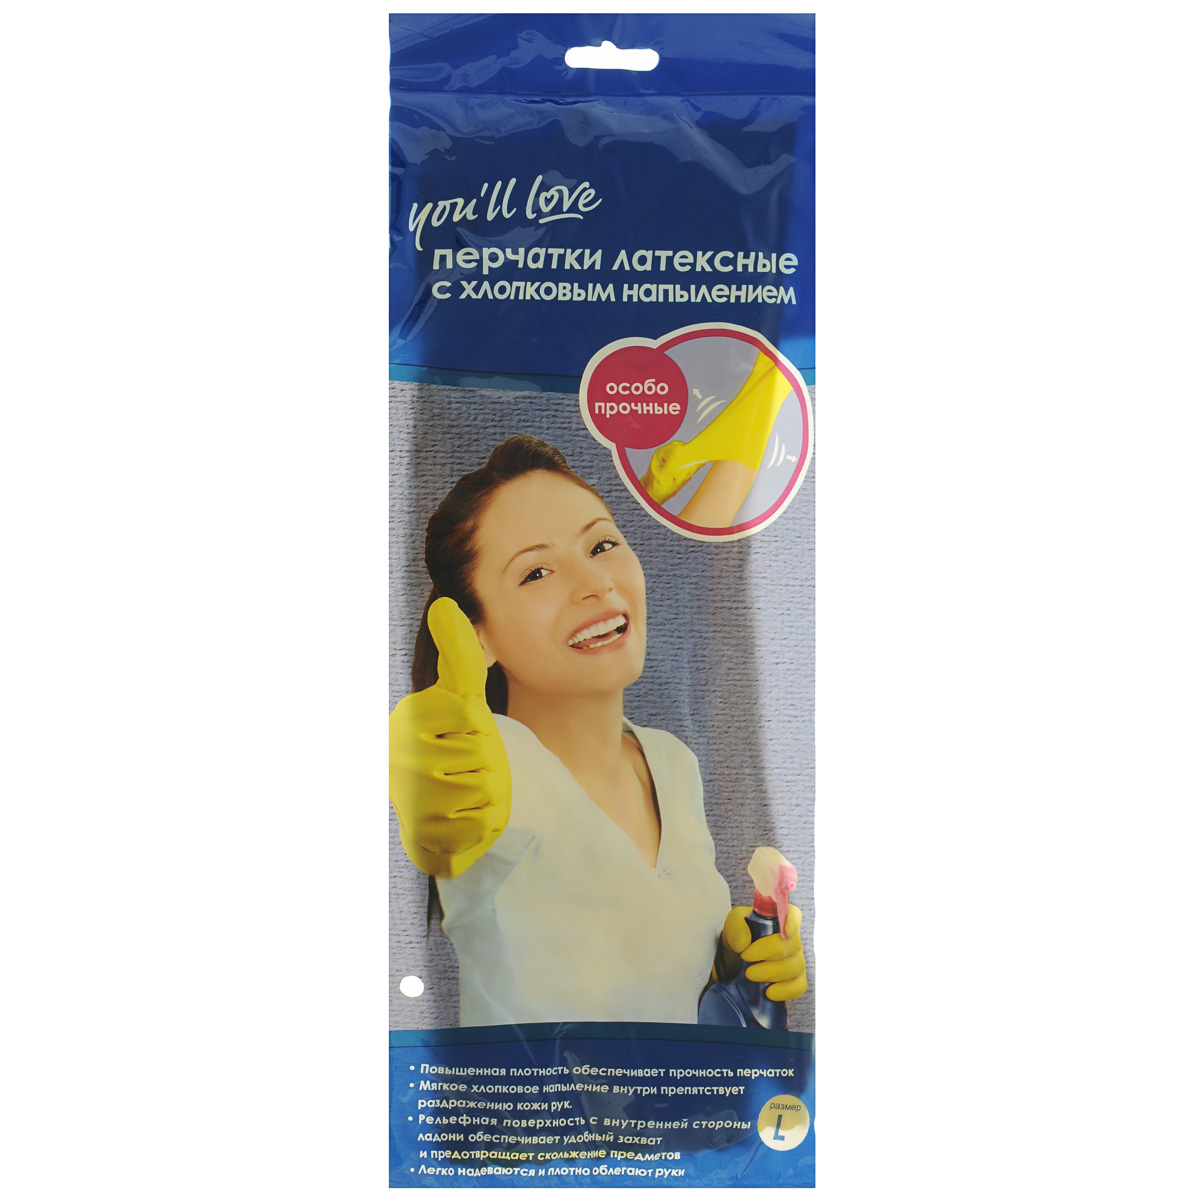 Перчатки латексные Youll love, особо прочные. Размер L790009Особо прочные, плотные латексные перчатки Youll love с хлопковым напылением. Отлично защищают руки от загрязнений и воздействия моющих средств. Рельефная поверхность с внутренней стороны ладони обеспечивает удобный захват и антискользящий эффект. Хлопковое напыление защищает от раздражений.